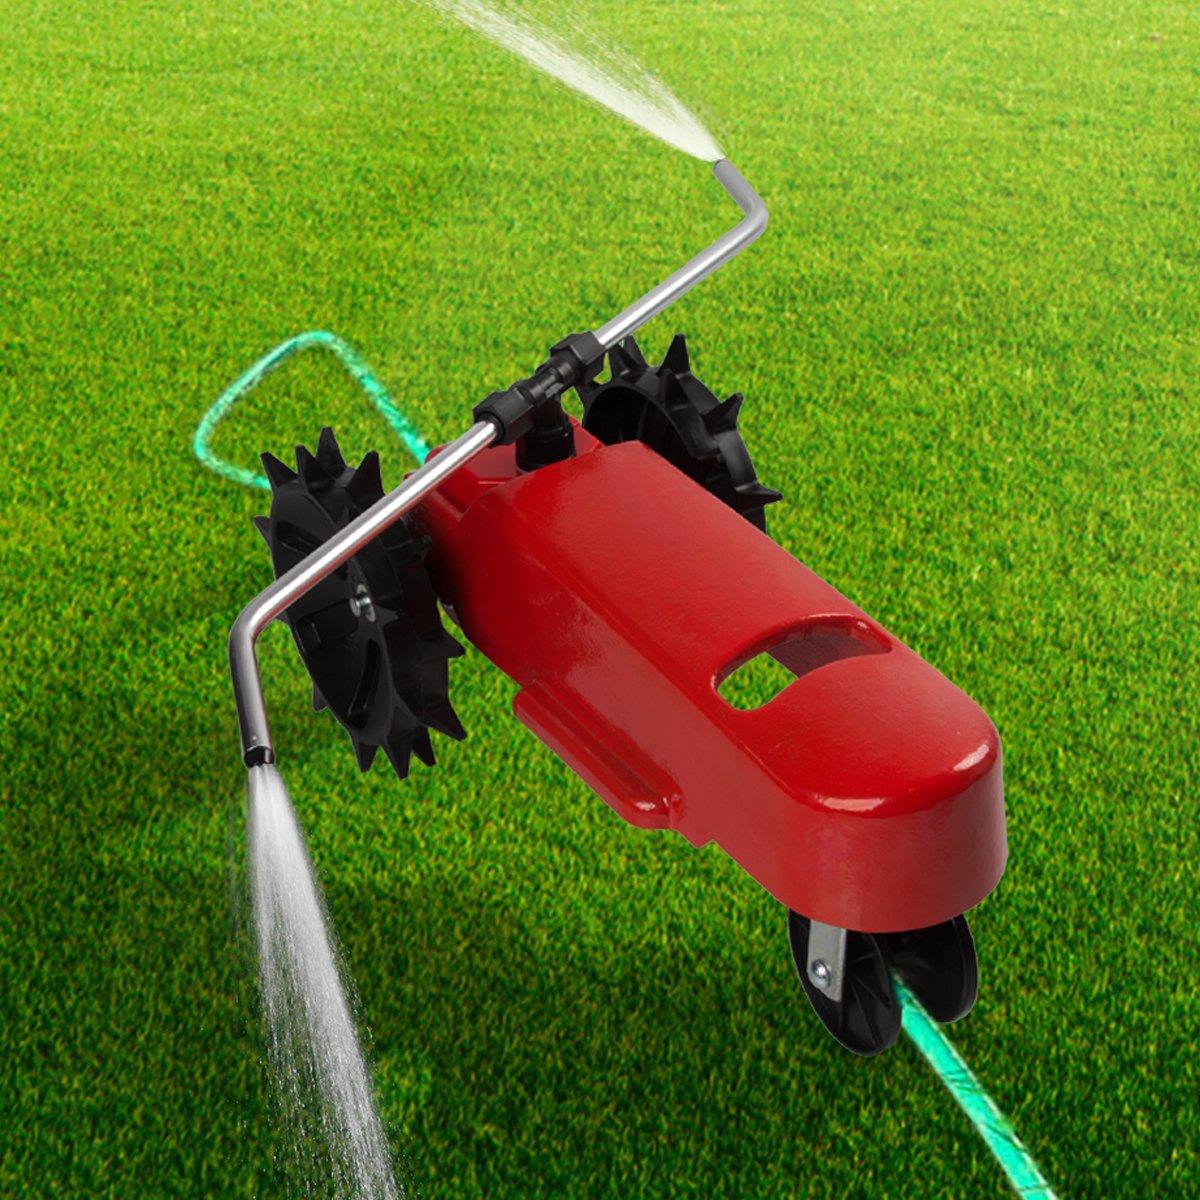 Amazon.com: Farm & Ranch autopropulsable Tractor Sprinkler ...